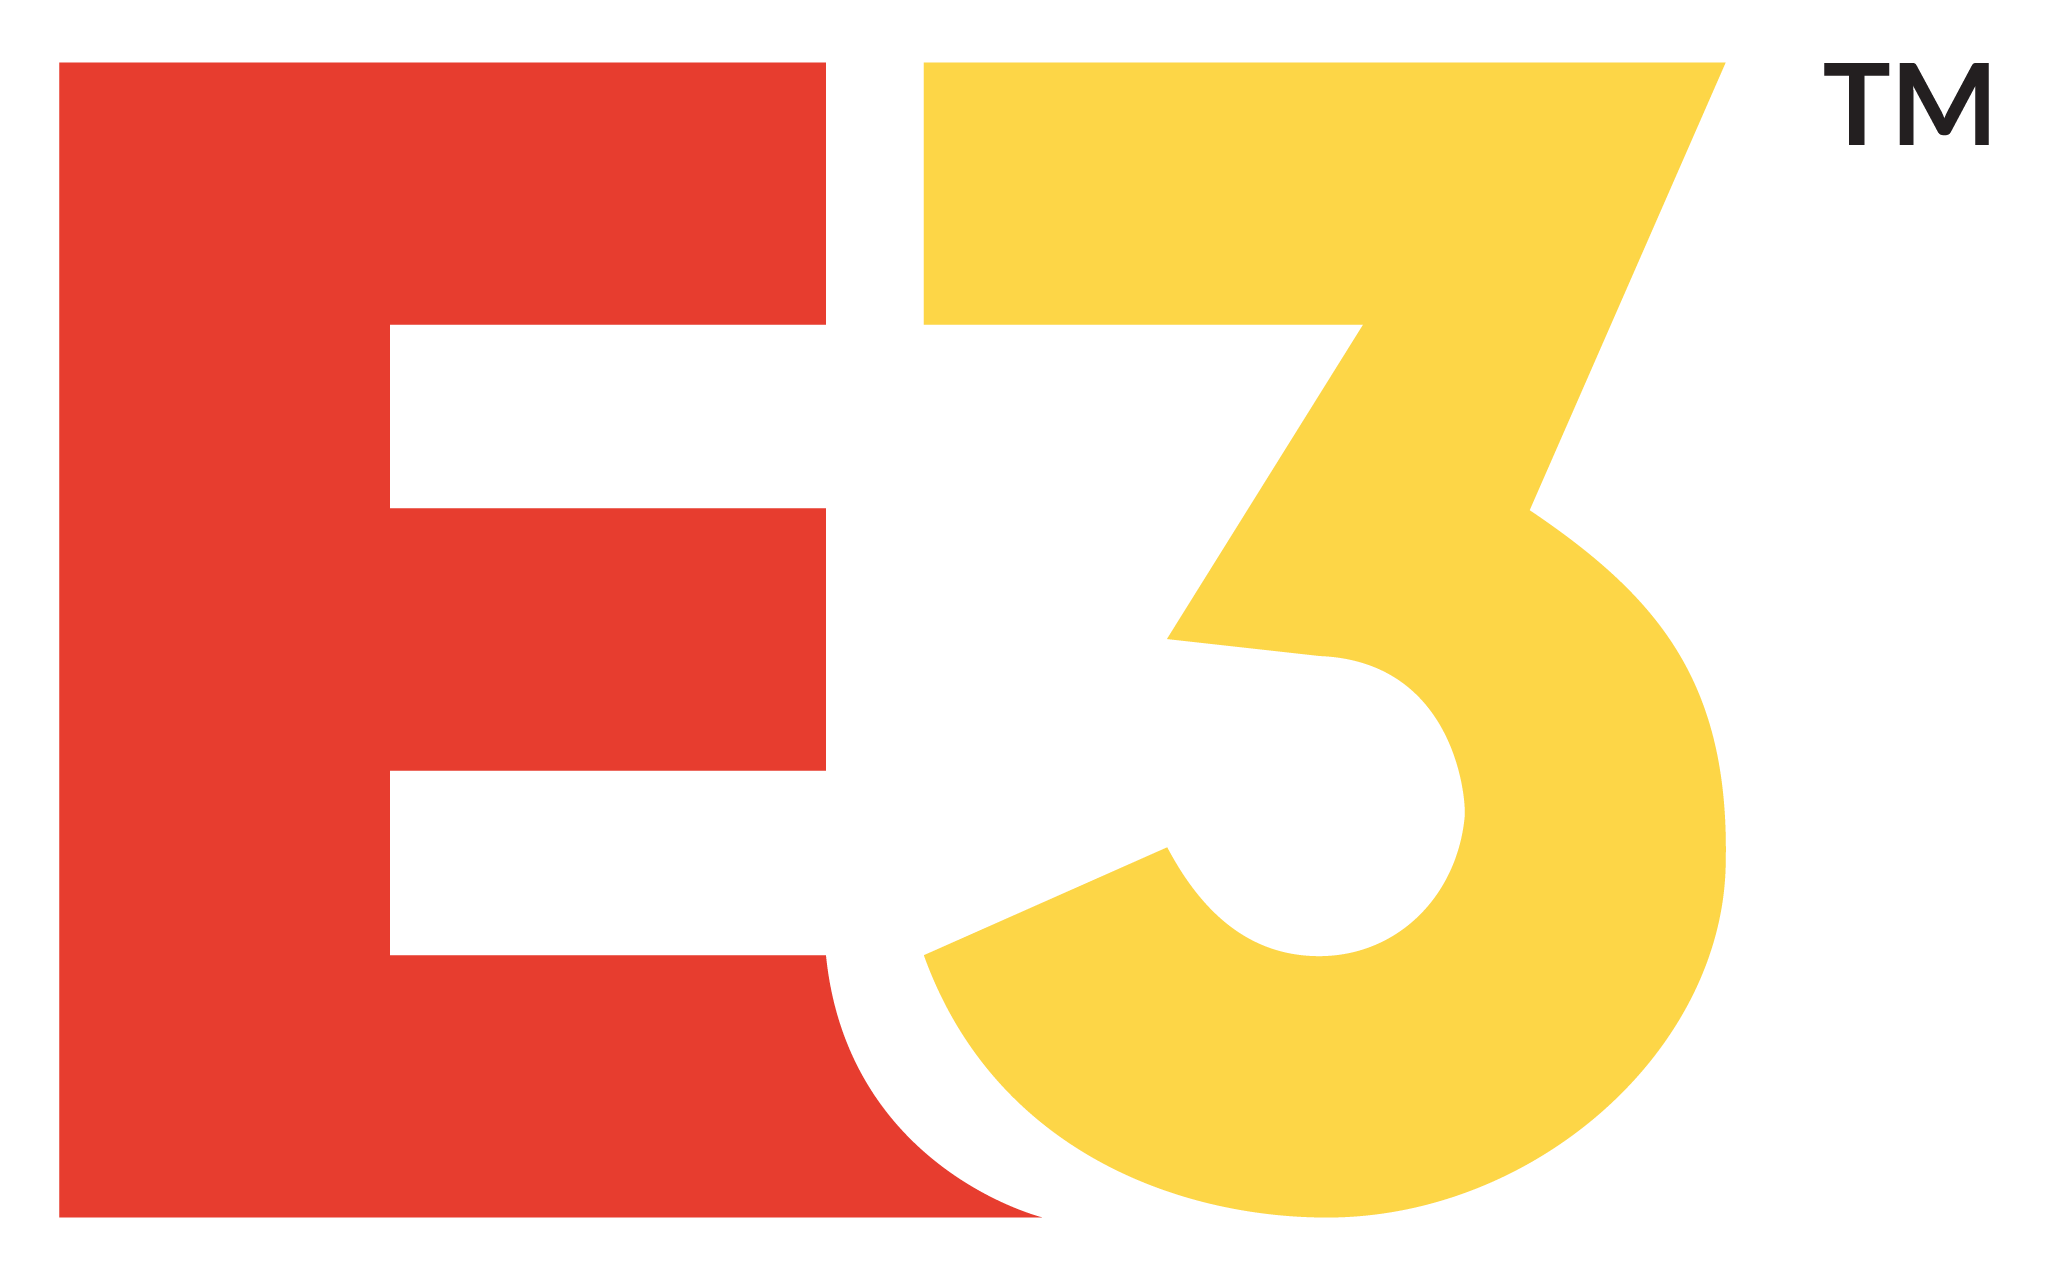 e3 finally gets a new logo polygon E3 Convention Electronic Entertainment Expo